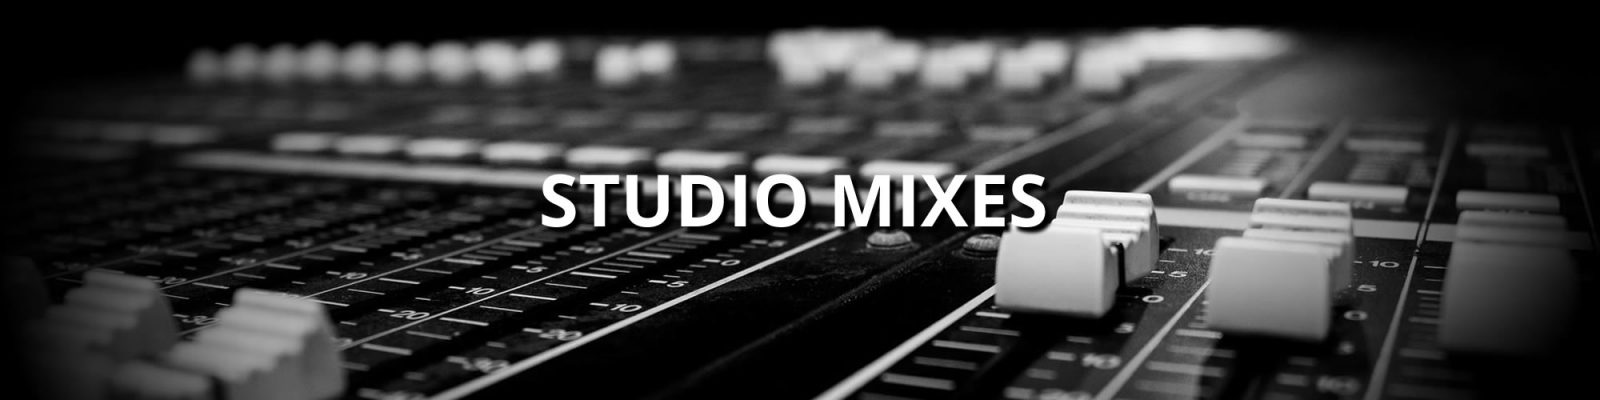 Studio Mixes by Mr Nitro